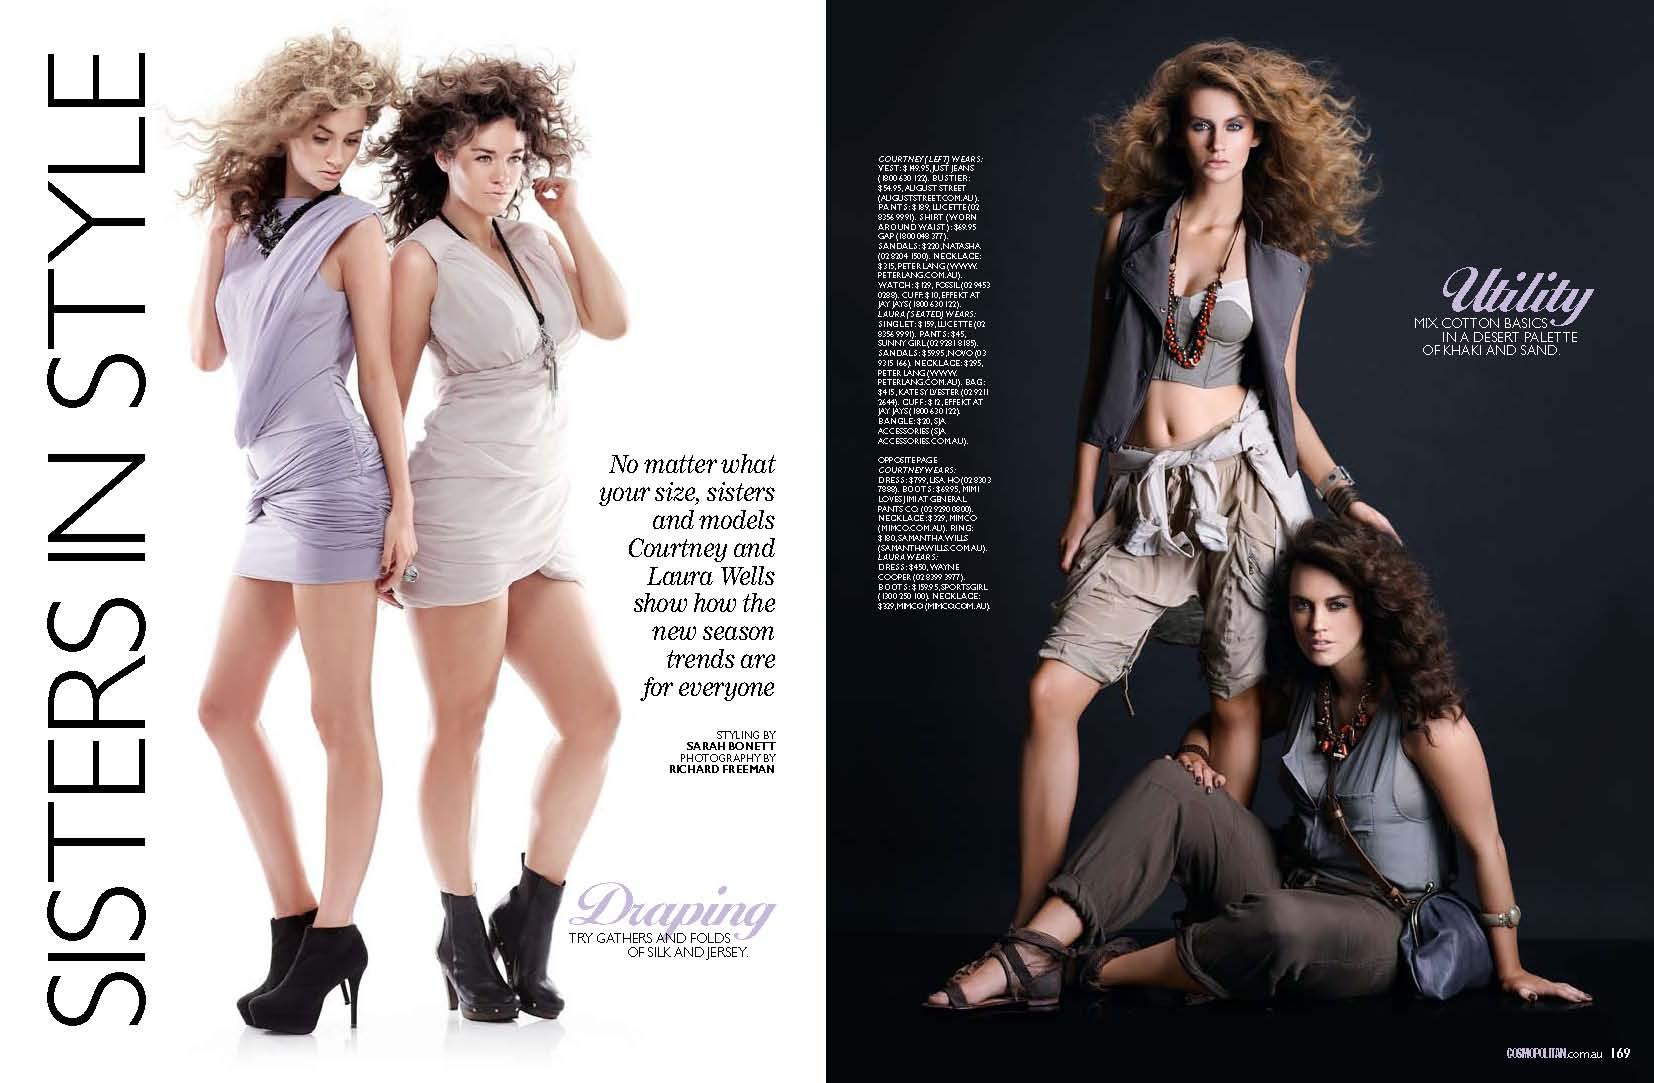 Crystal Renn Plus Size Model Fashion Spot